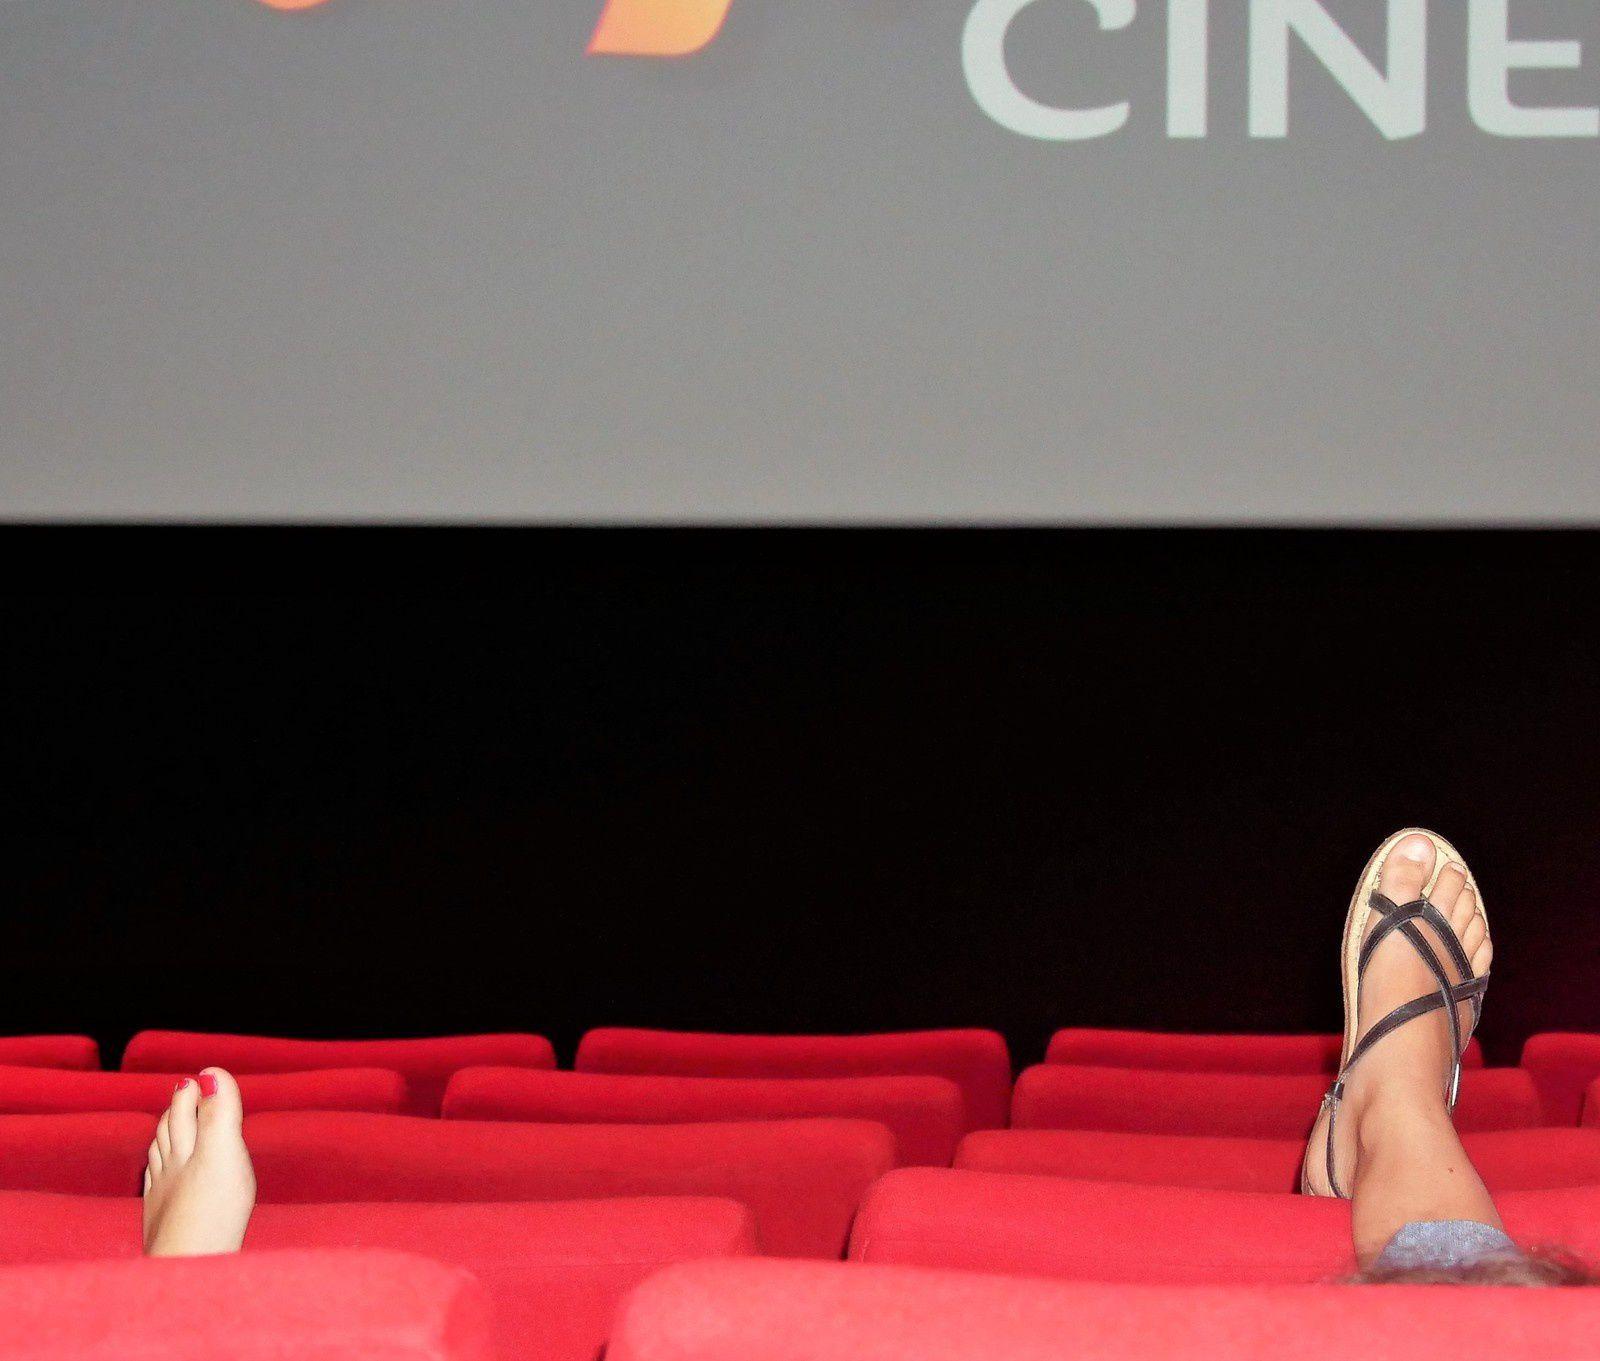 30 aôut. Jour de pluie. Cinéma Apollo de Rochefort. C'est le pied!